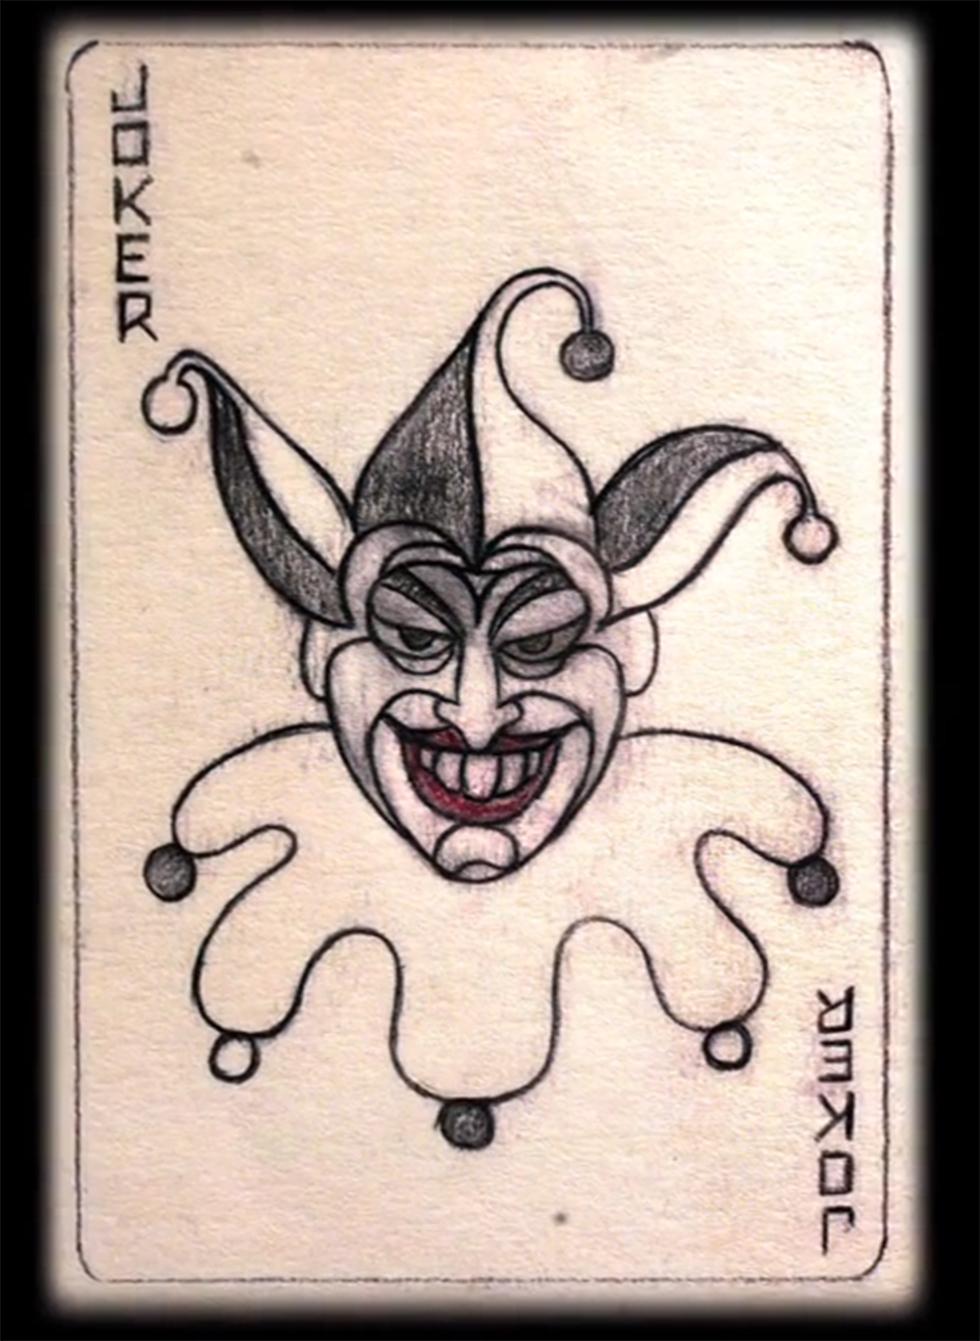 הקלף שעיצב ג'רי רובינסון בדמותו של הג'וקר ()